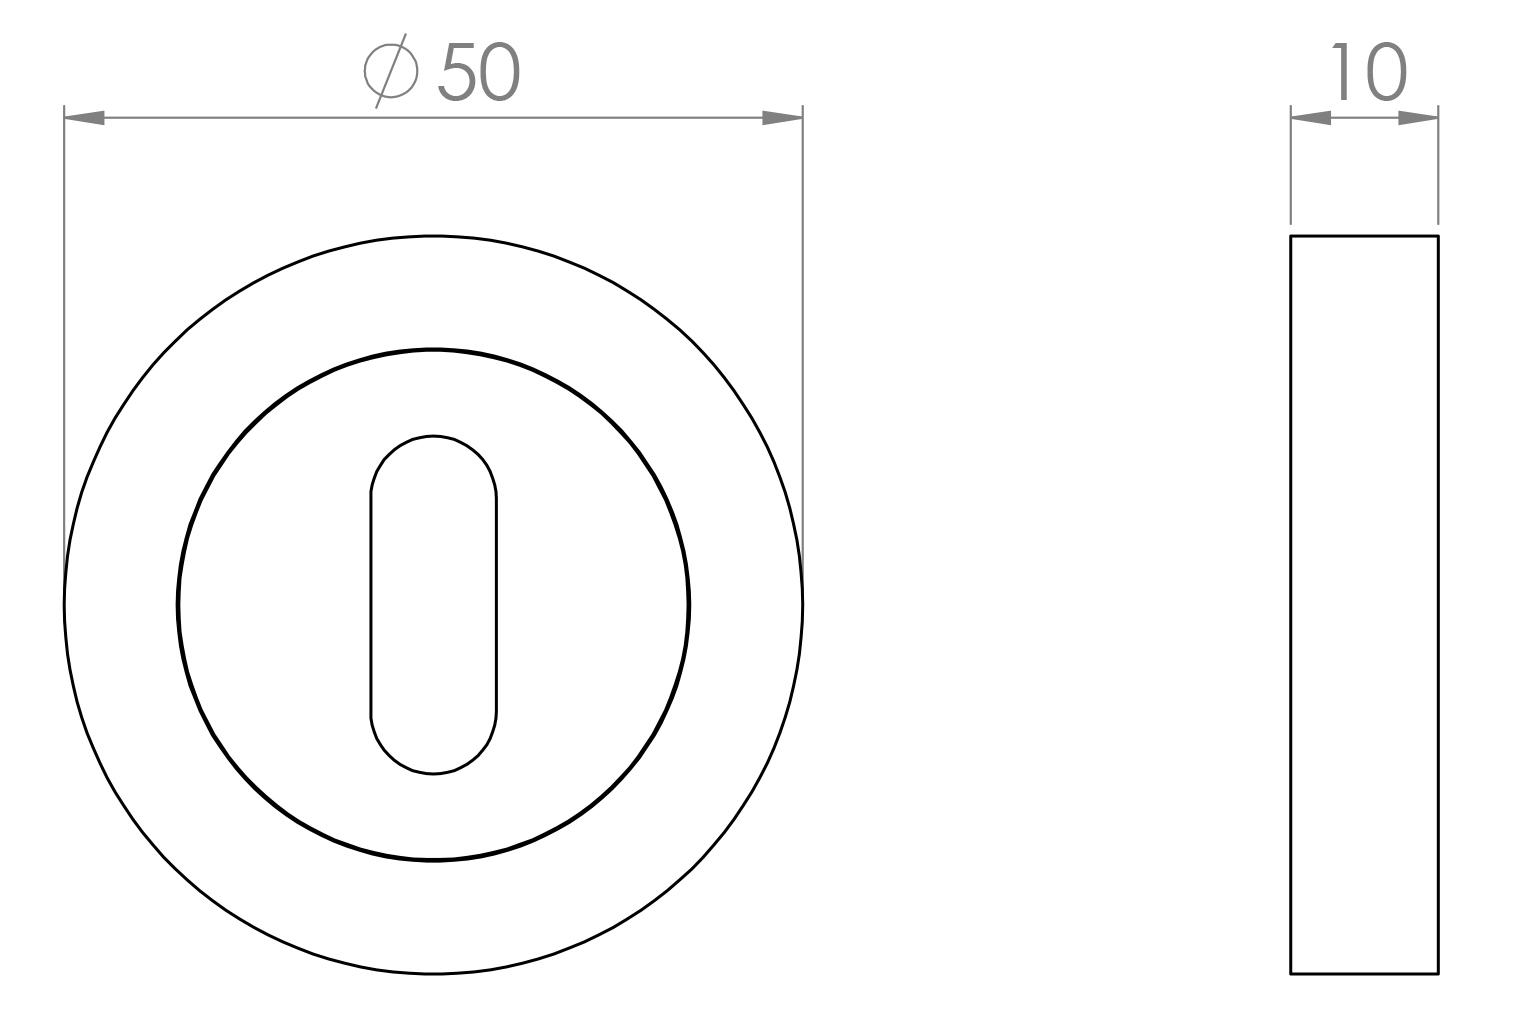 Standard profile escutcheon diagram